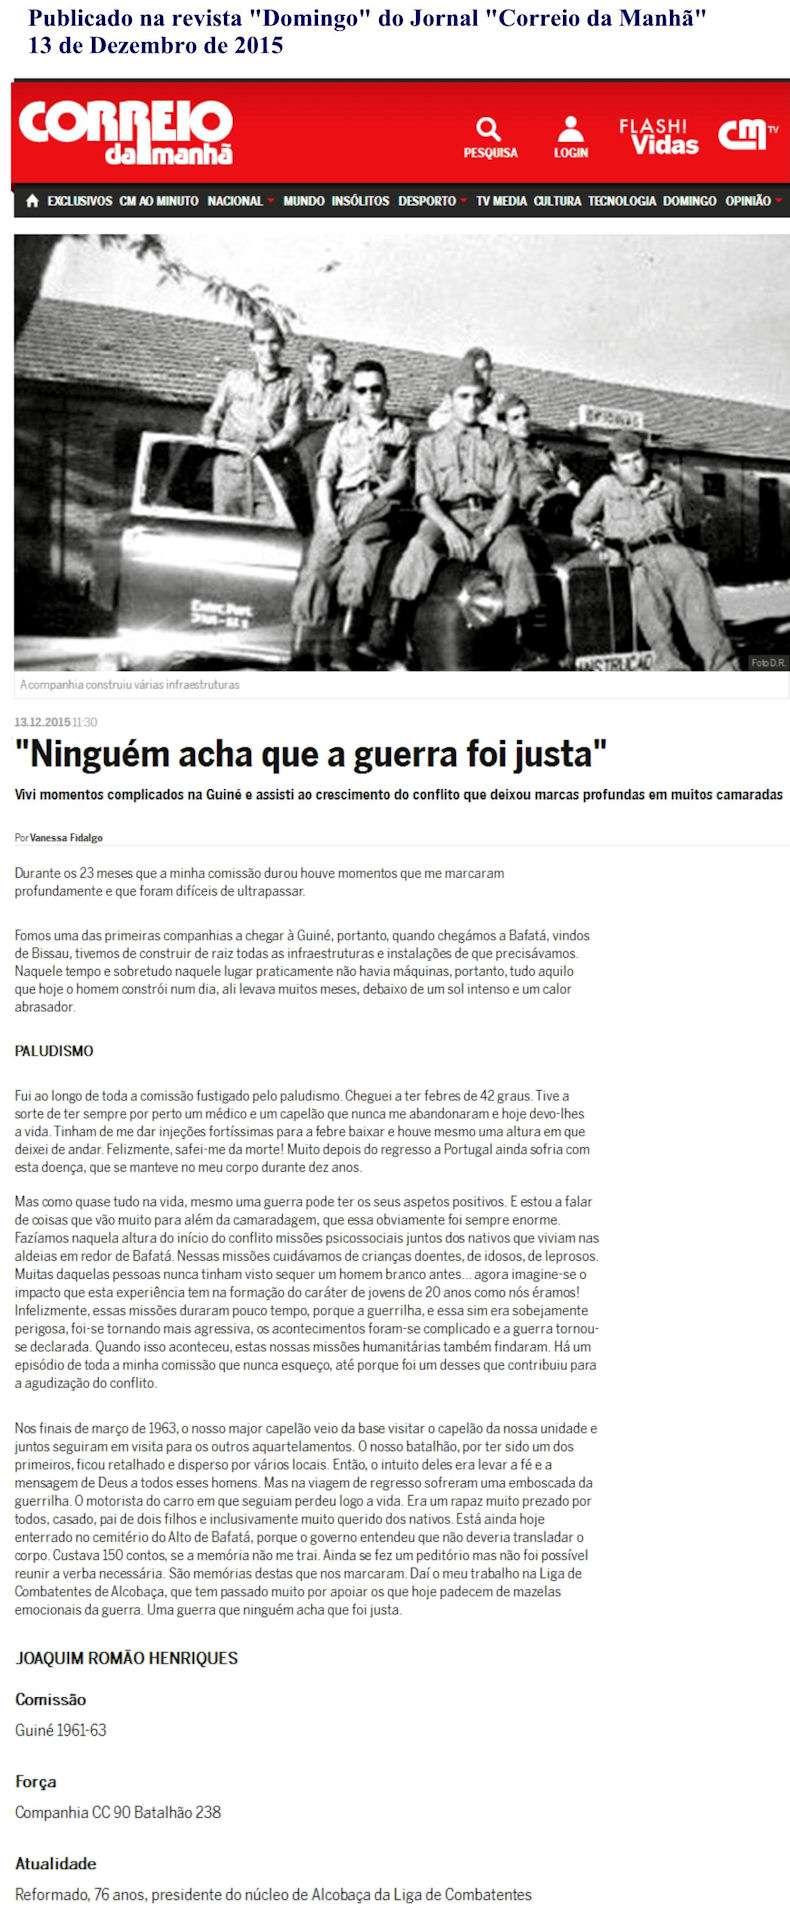 Depoimento hoje 13Dez2015 publicado no magazine dominical do 'Correio da Manhã' Depoim10